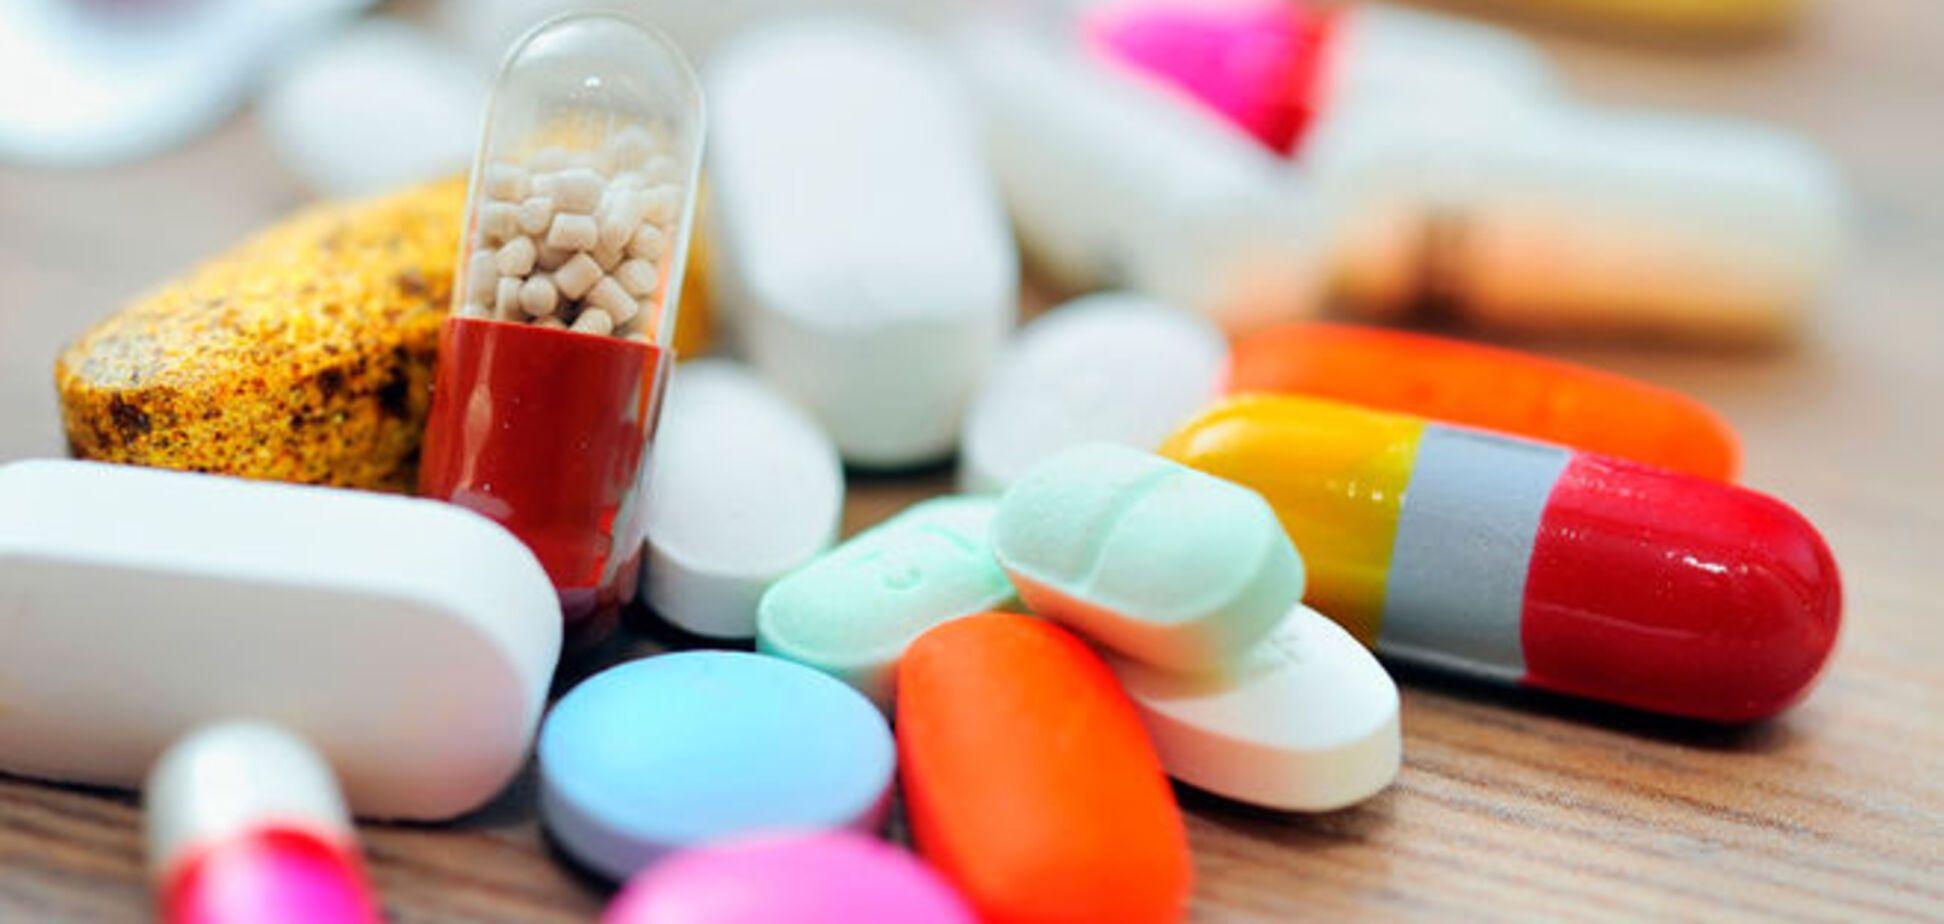 Опубликован список лекарств для желудка, которыми можно заменить дорогие препараты